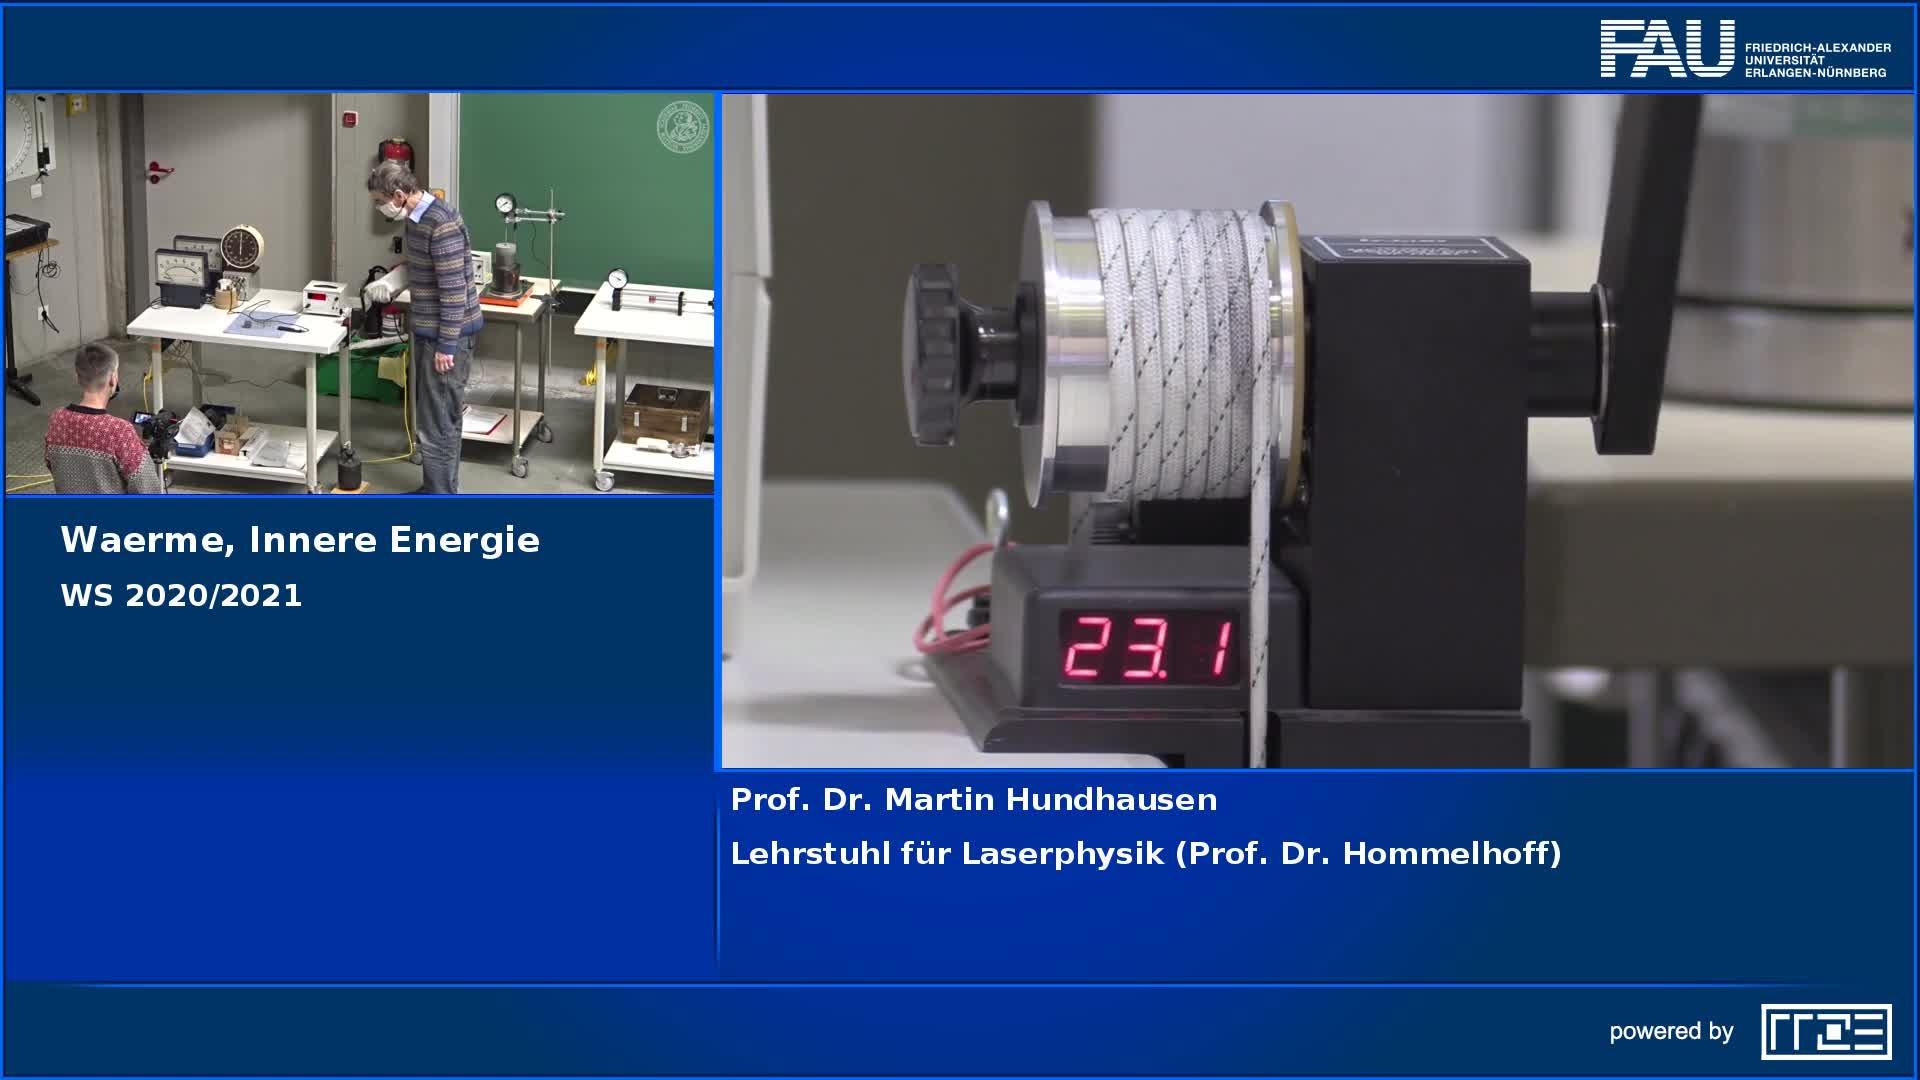 Wärme, innere Energie preview image